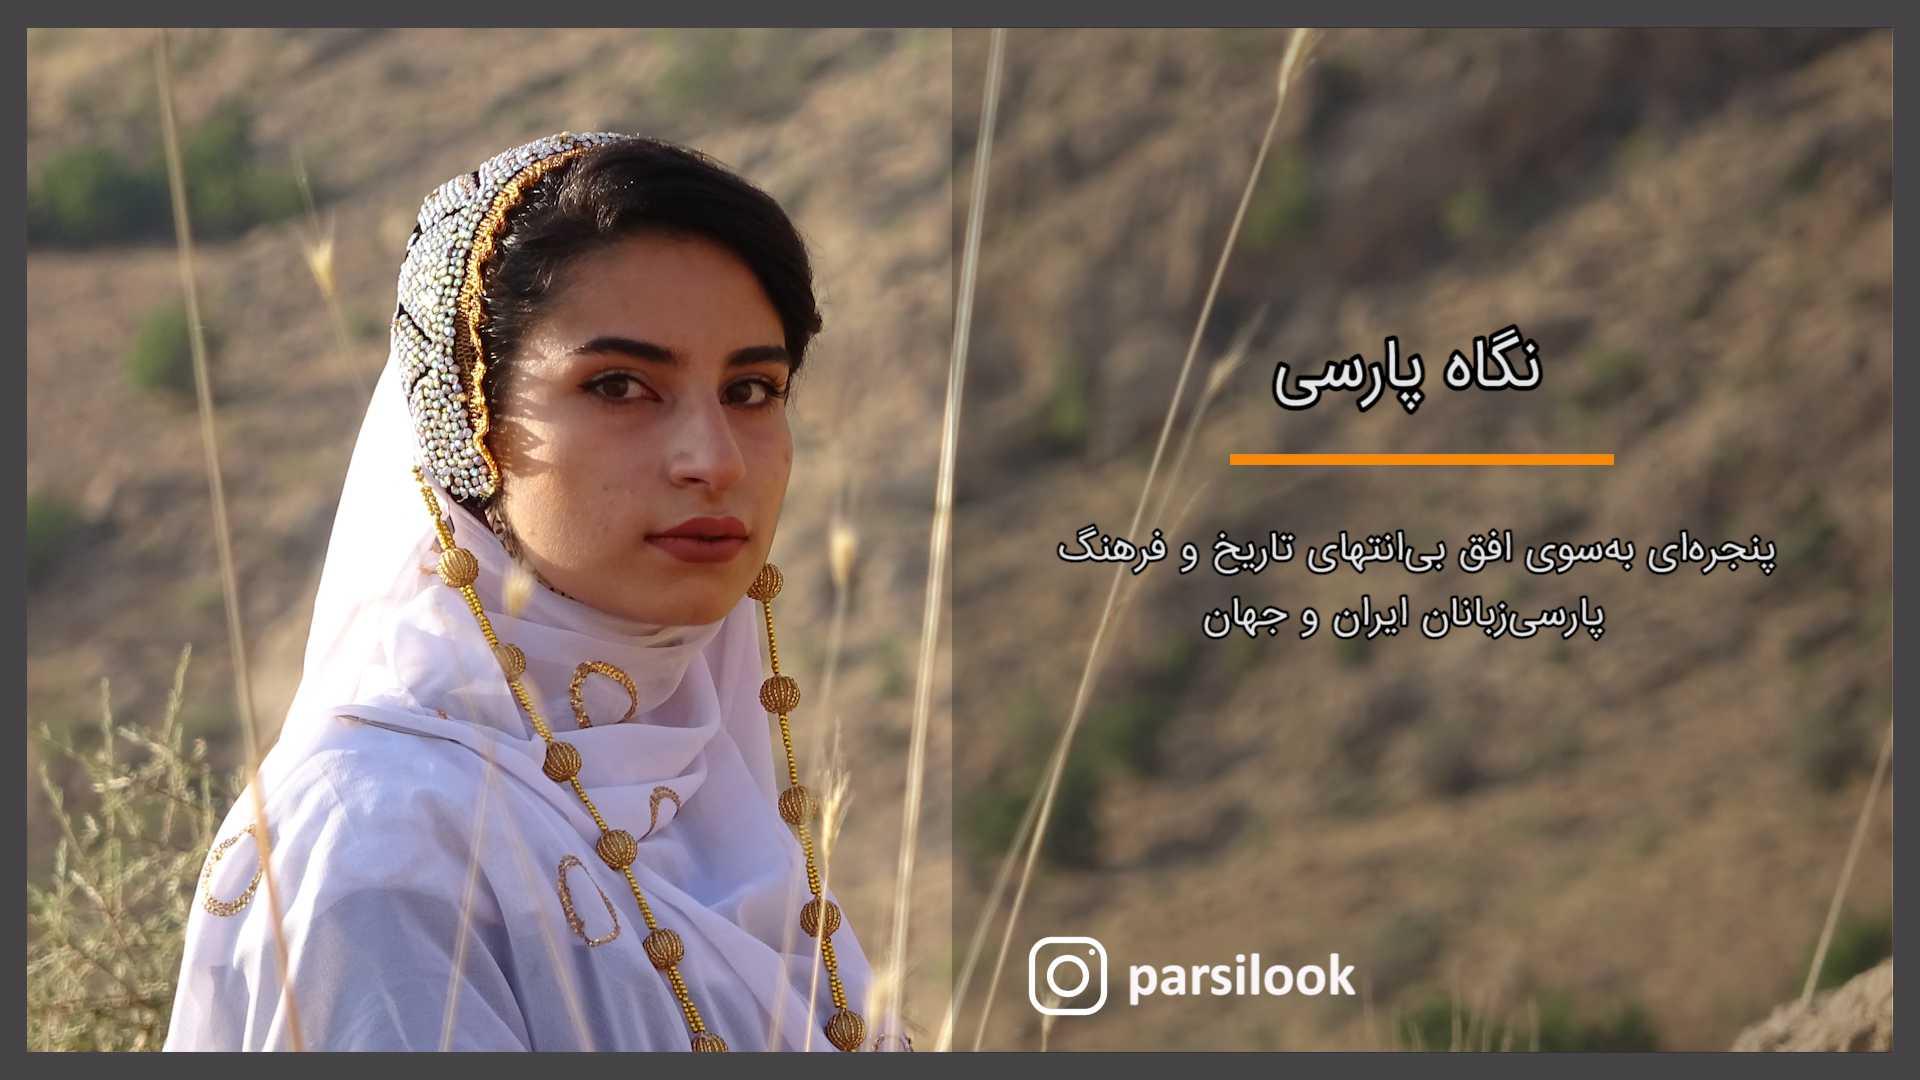 بنر رسانه اینترنتی نگاه پارسی